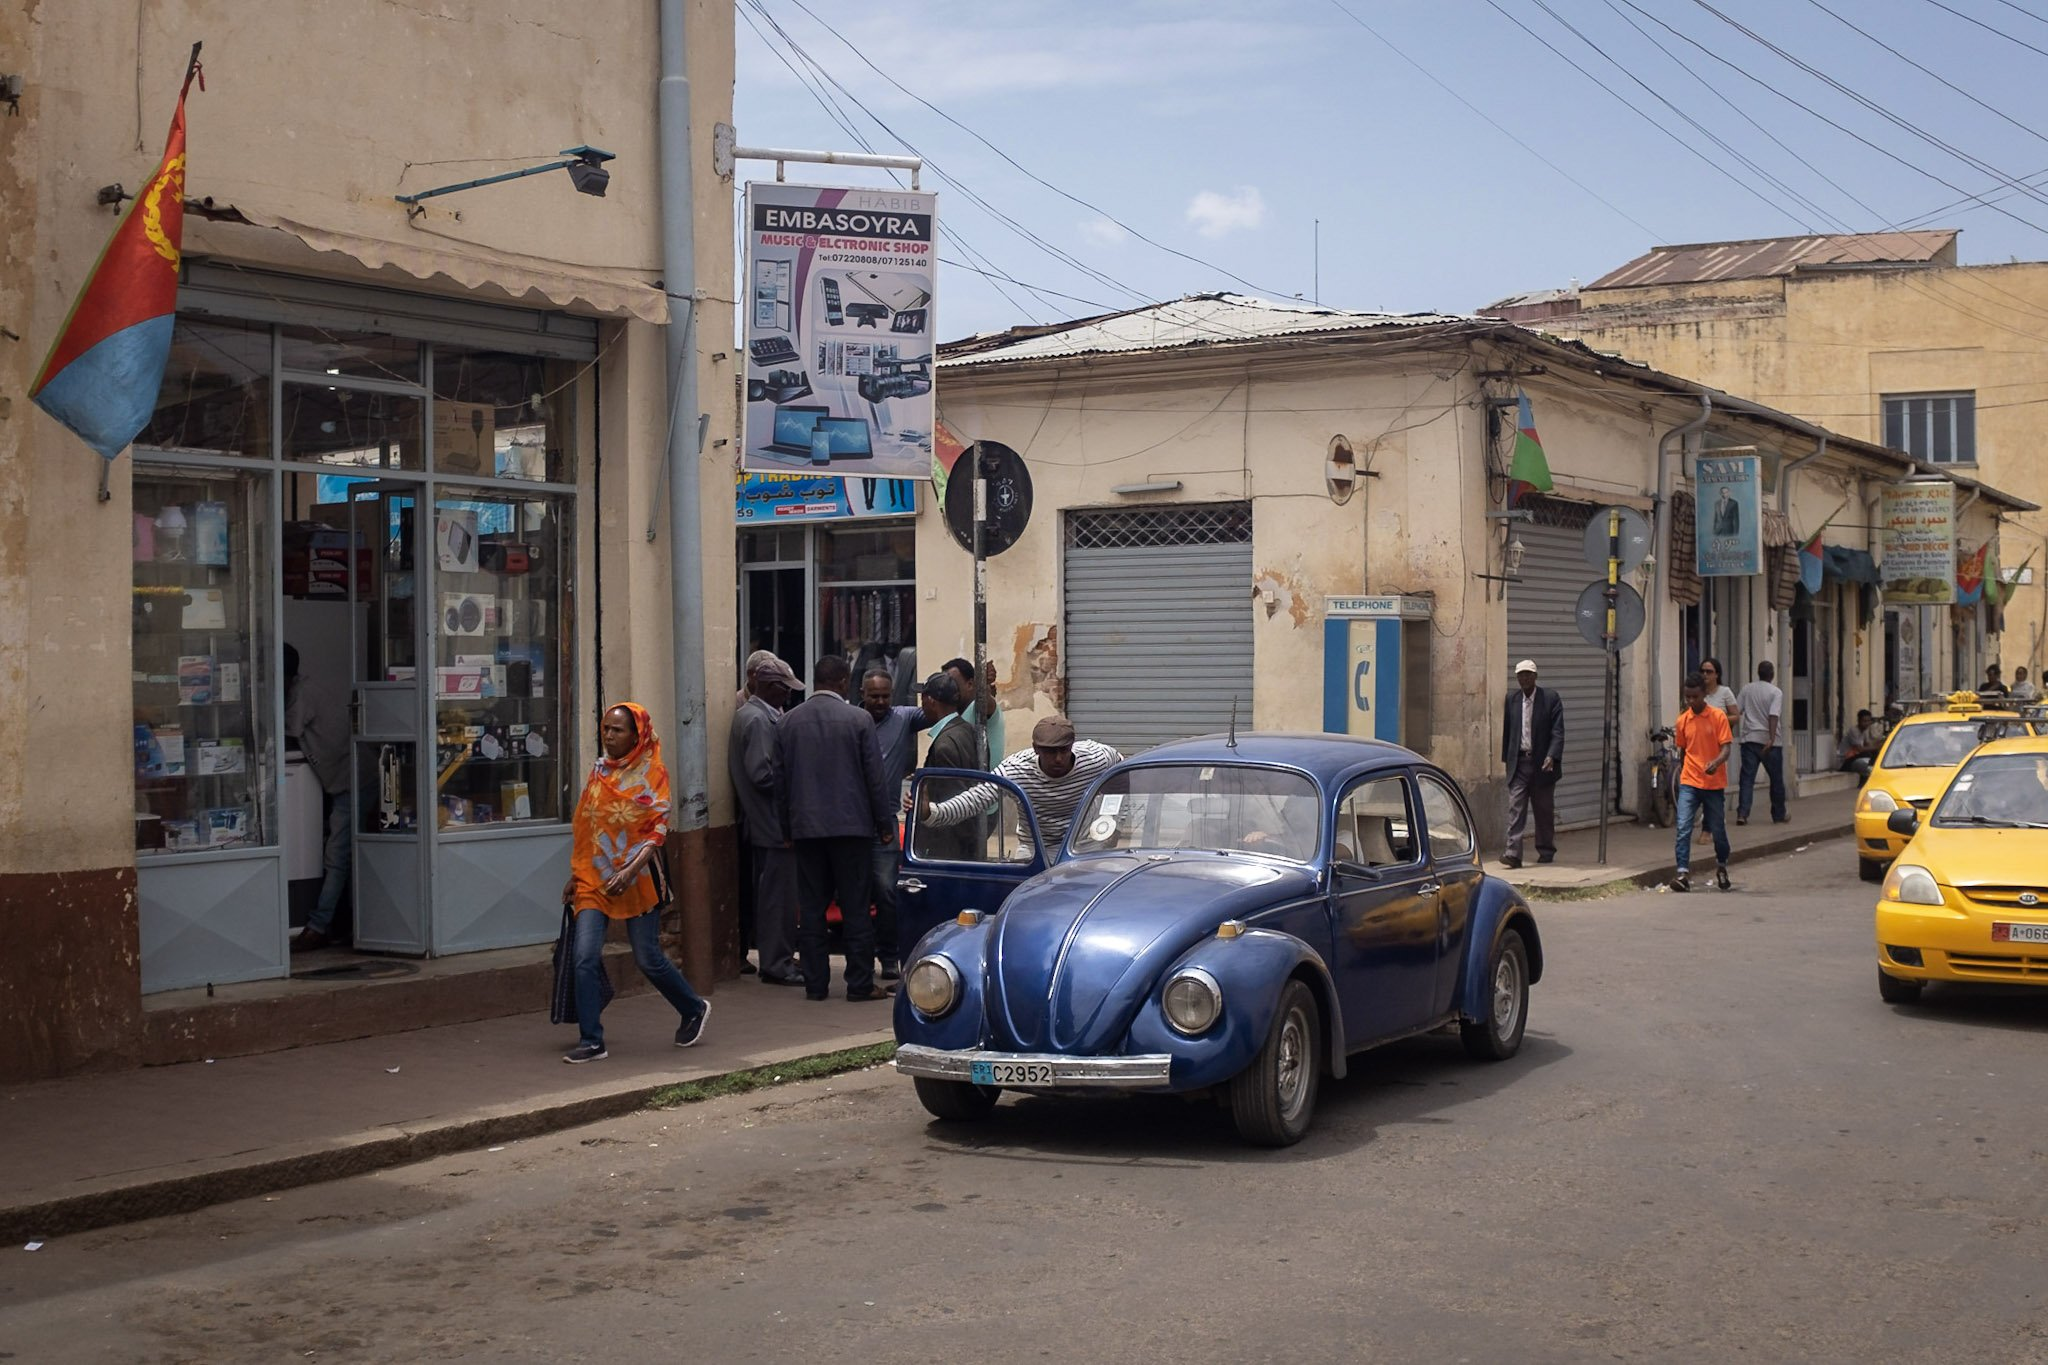 Beatle in Asmara, Eritrea